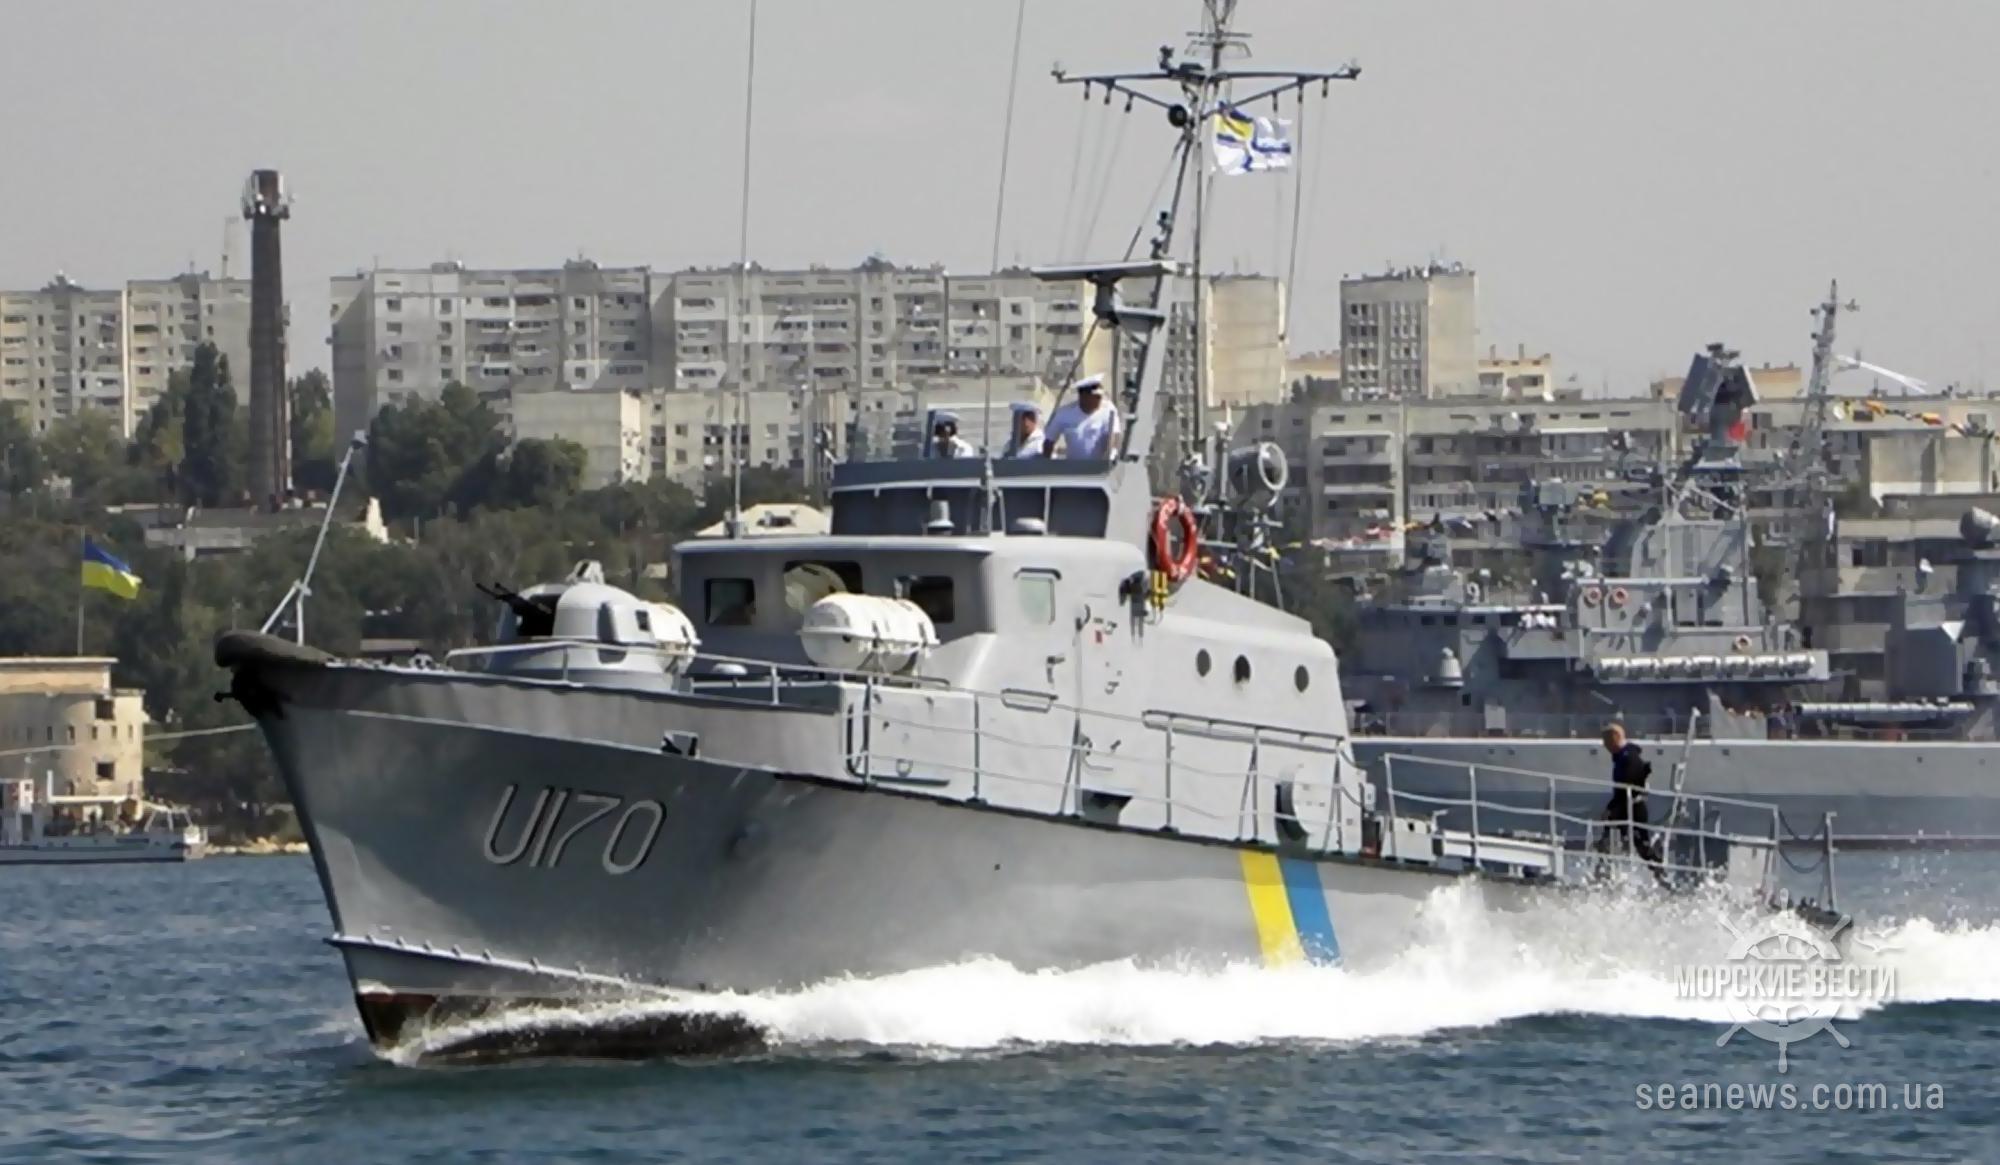 Николаевский судостроительный завод отремонтирует патрульный катер ВМС